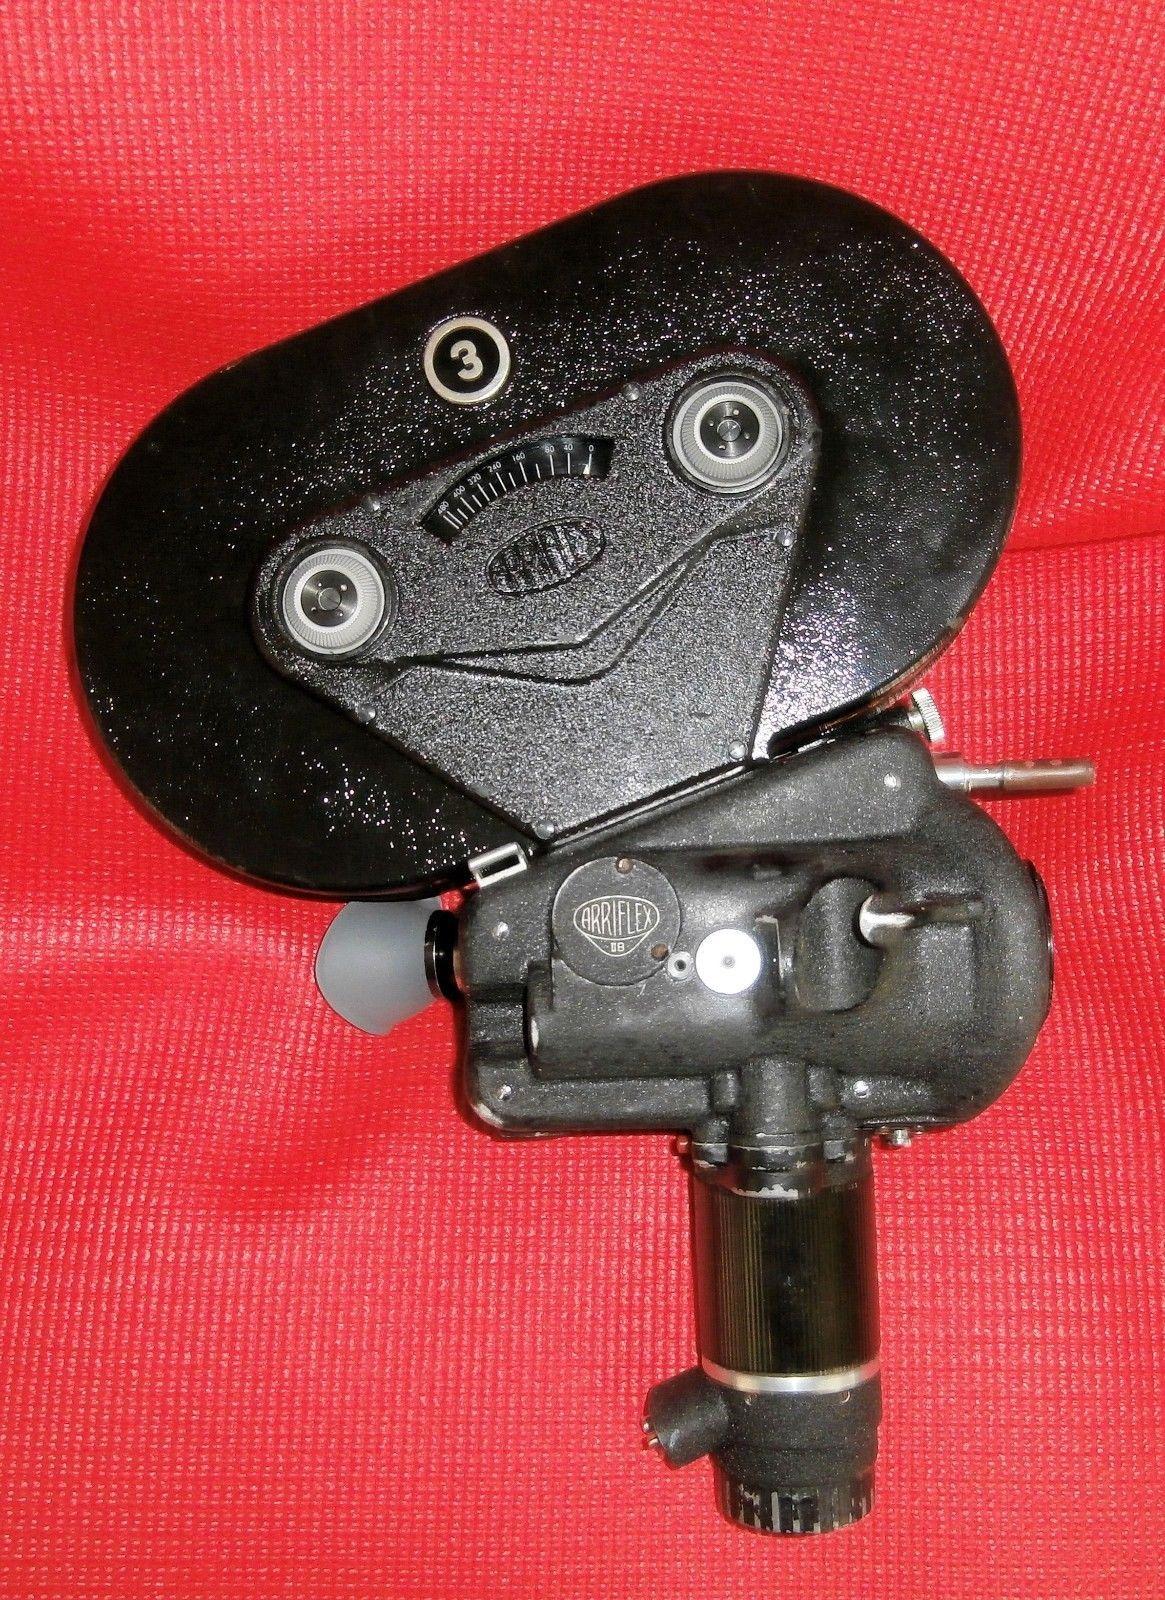 An Ii B B Arriflex 35 Iib Cine Camera Made In 1950 By Arri Germany The